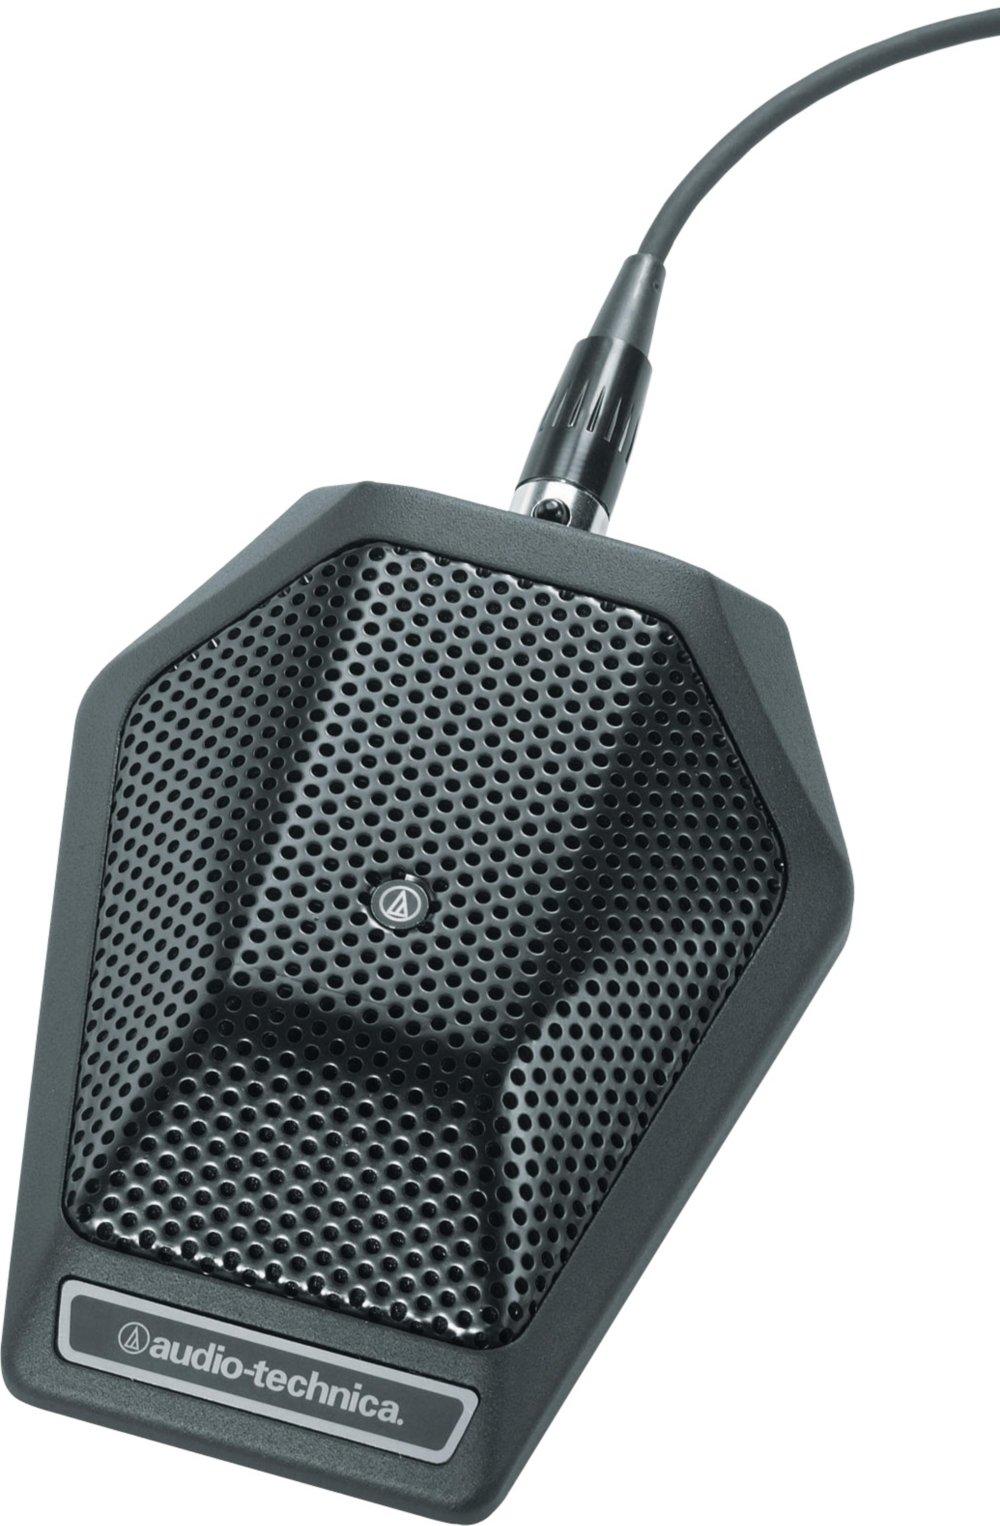 Microfono Audio-Technica Condenser  (U851RO)...